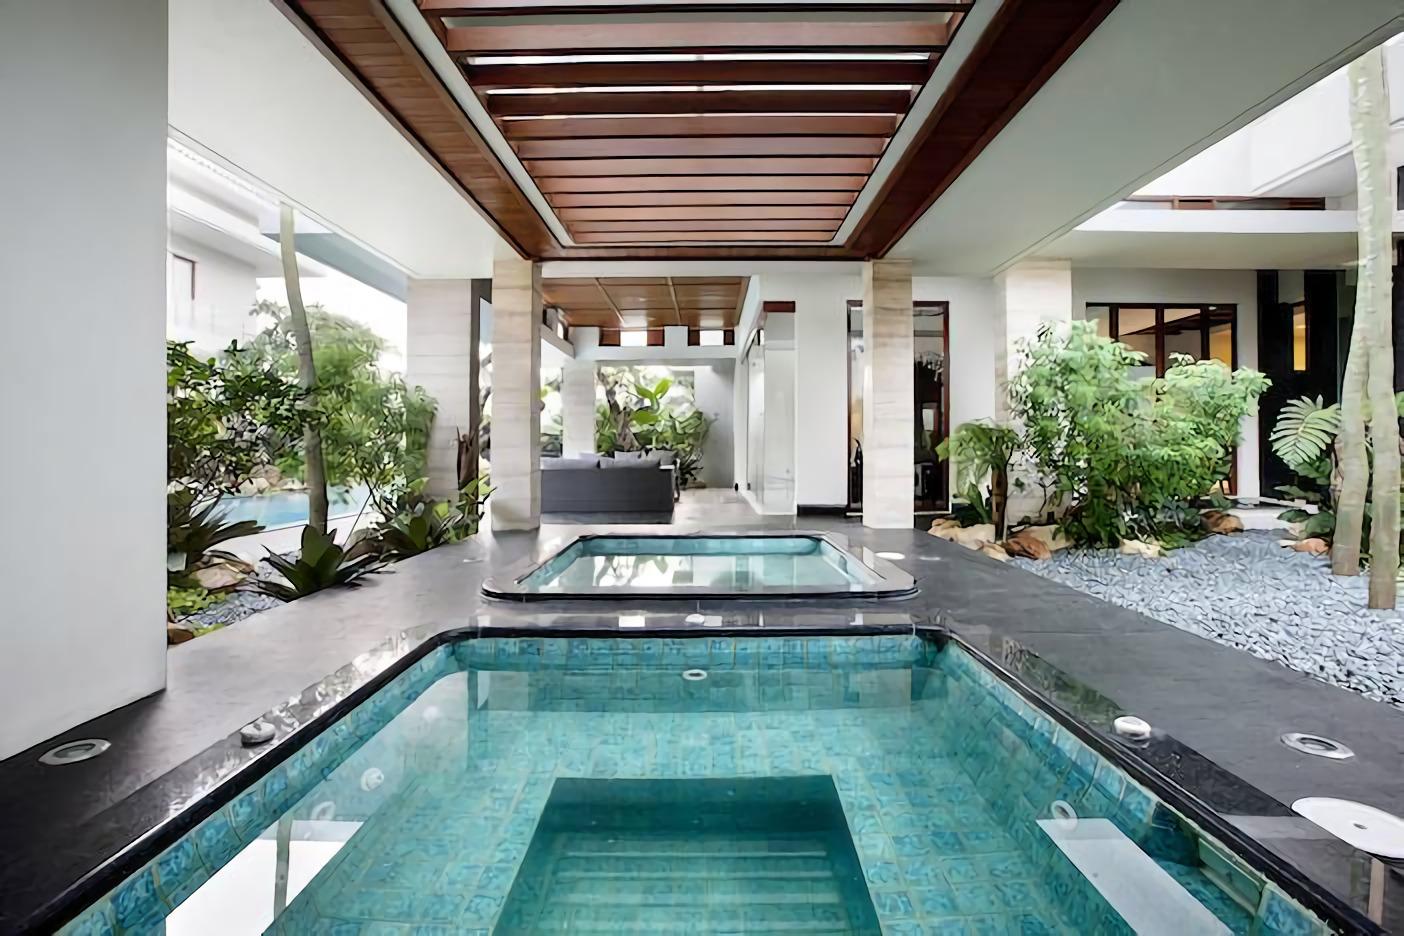 8 Desain Rumah Mewah Dengan Interior Garden Yang Mempesona Arsitag